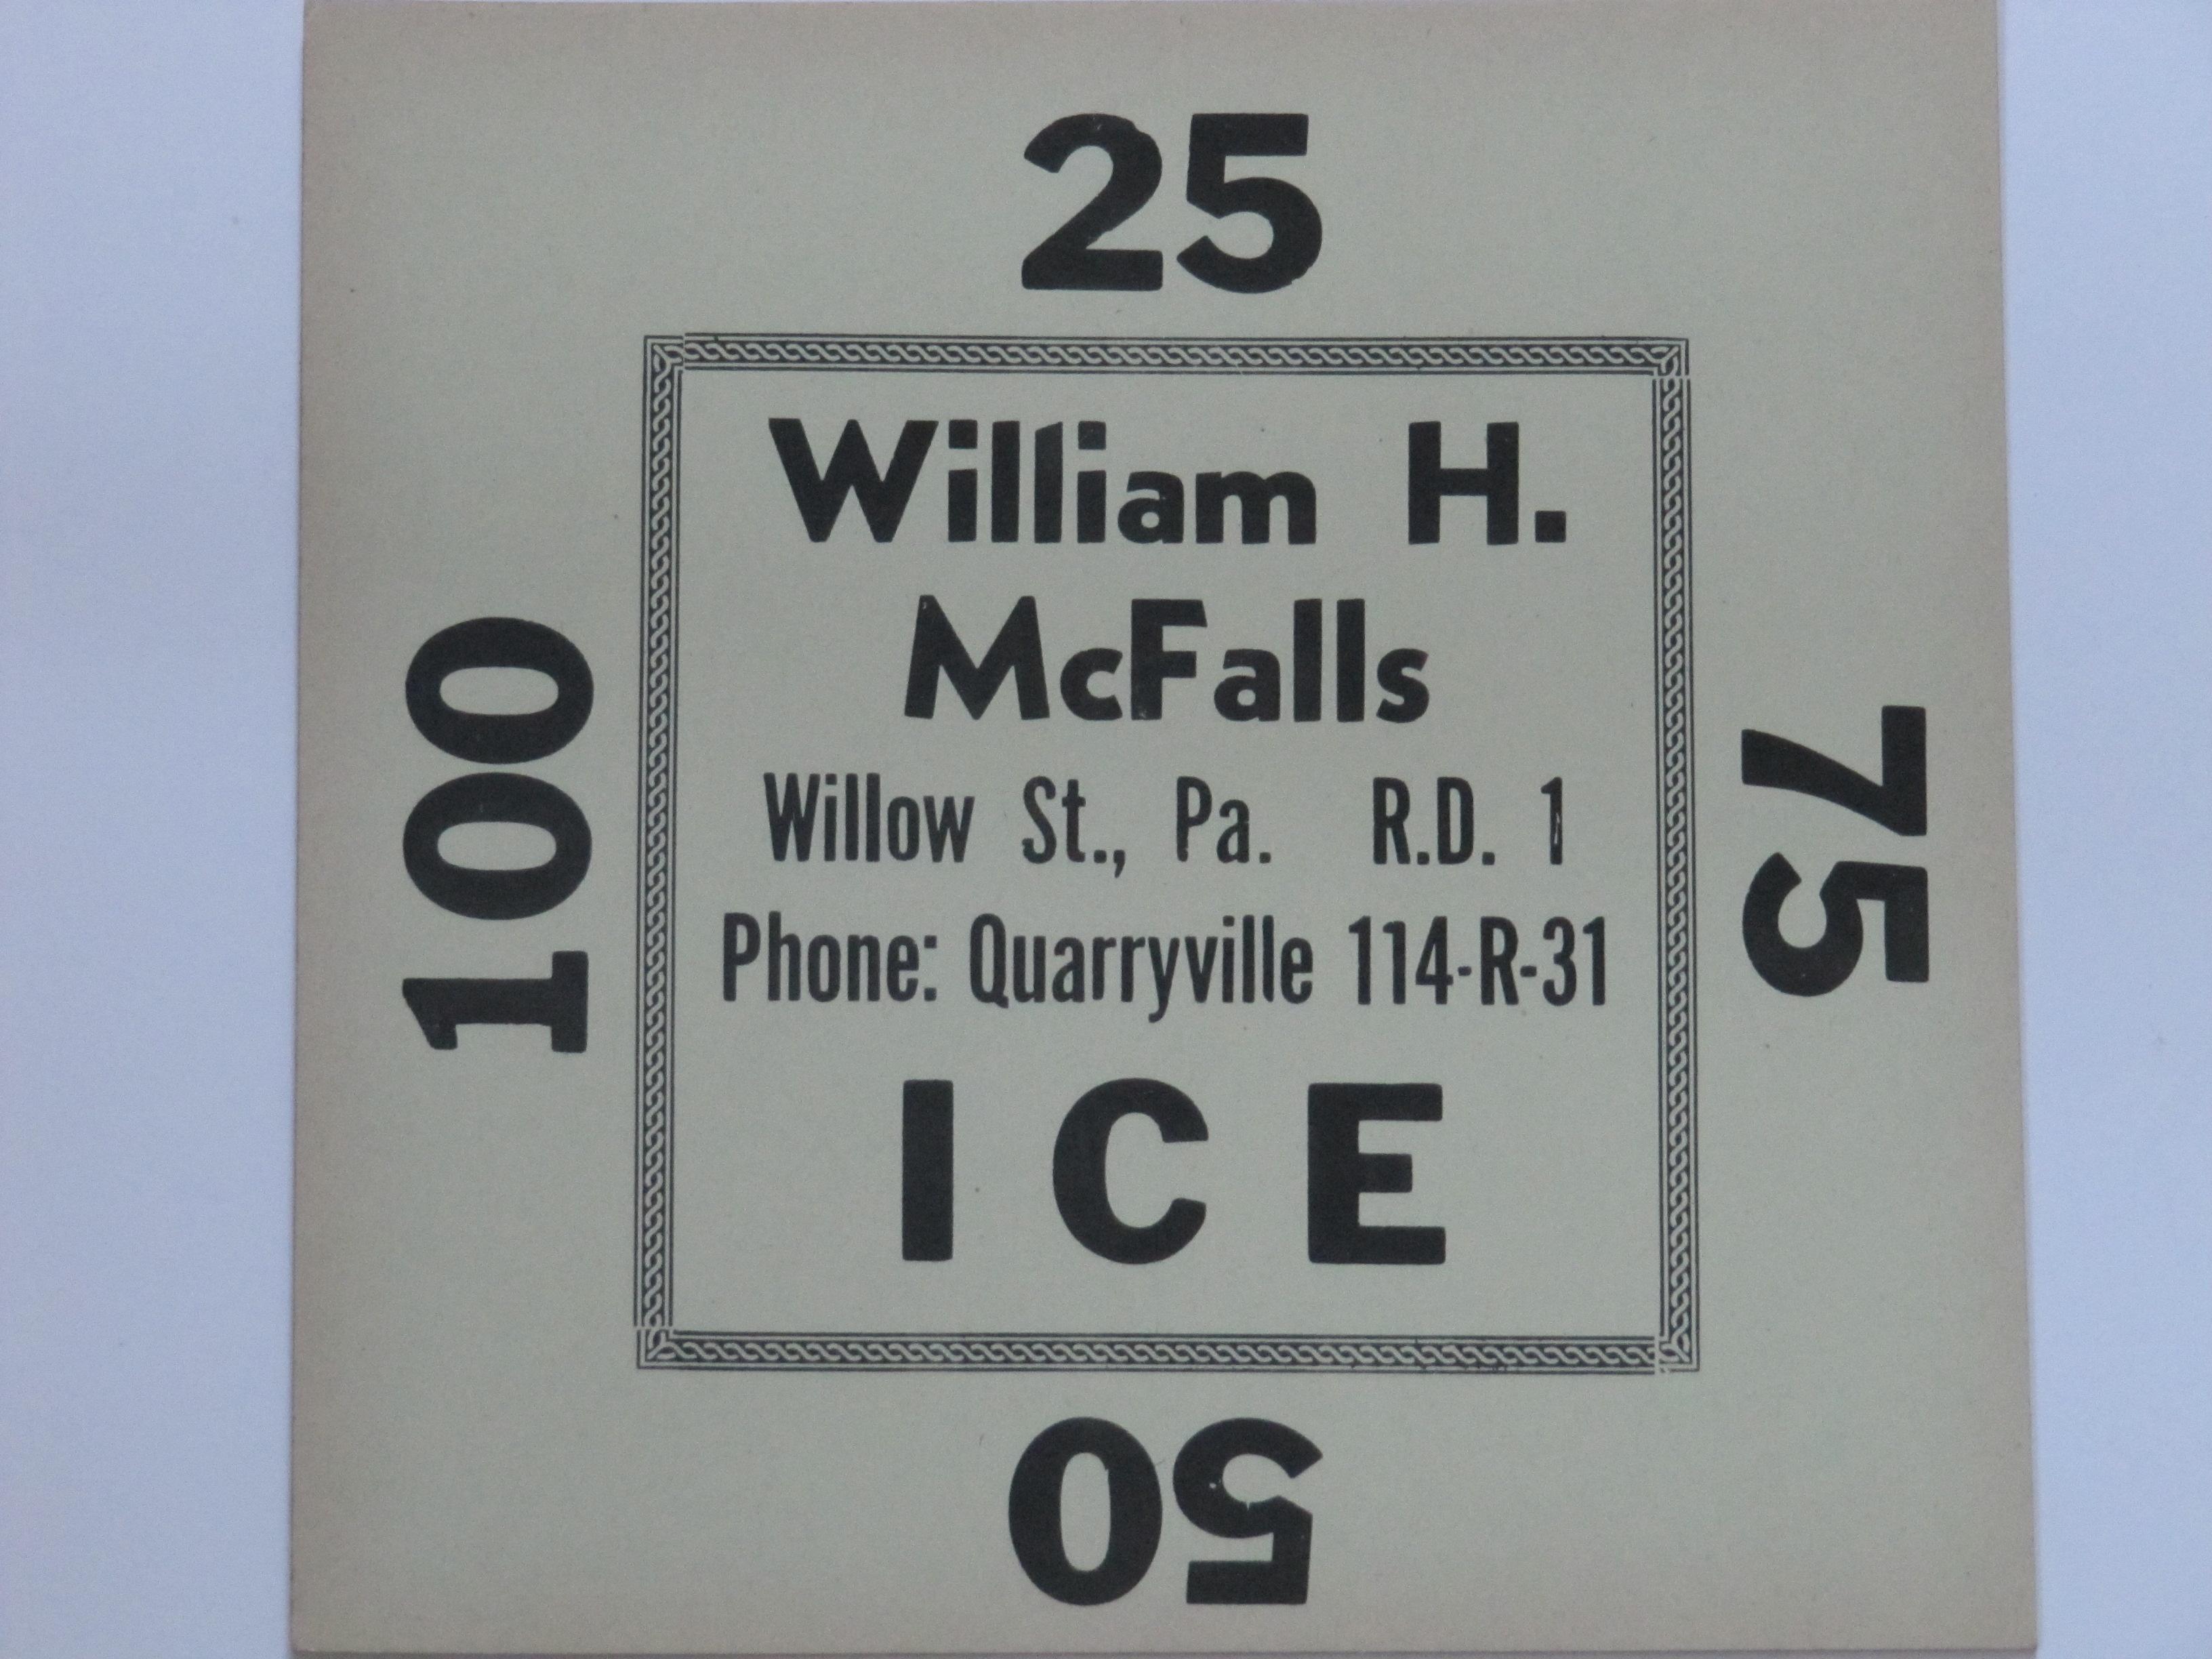 William H. McFalls